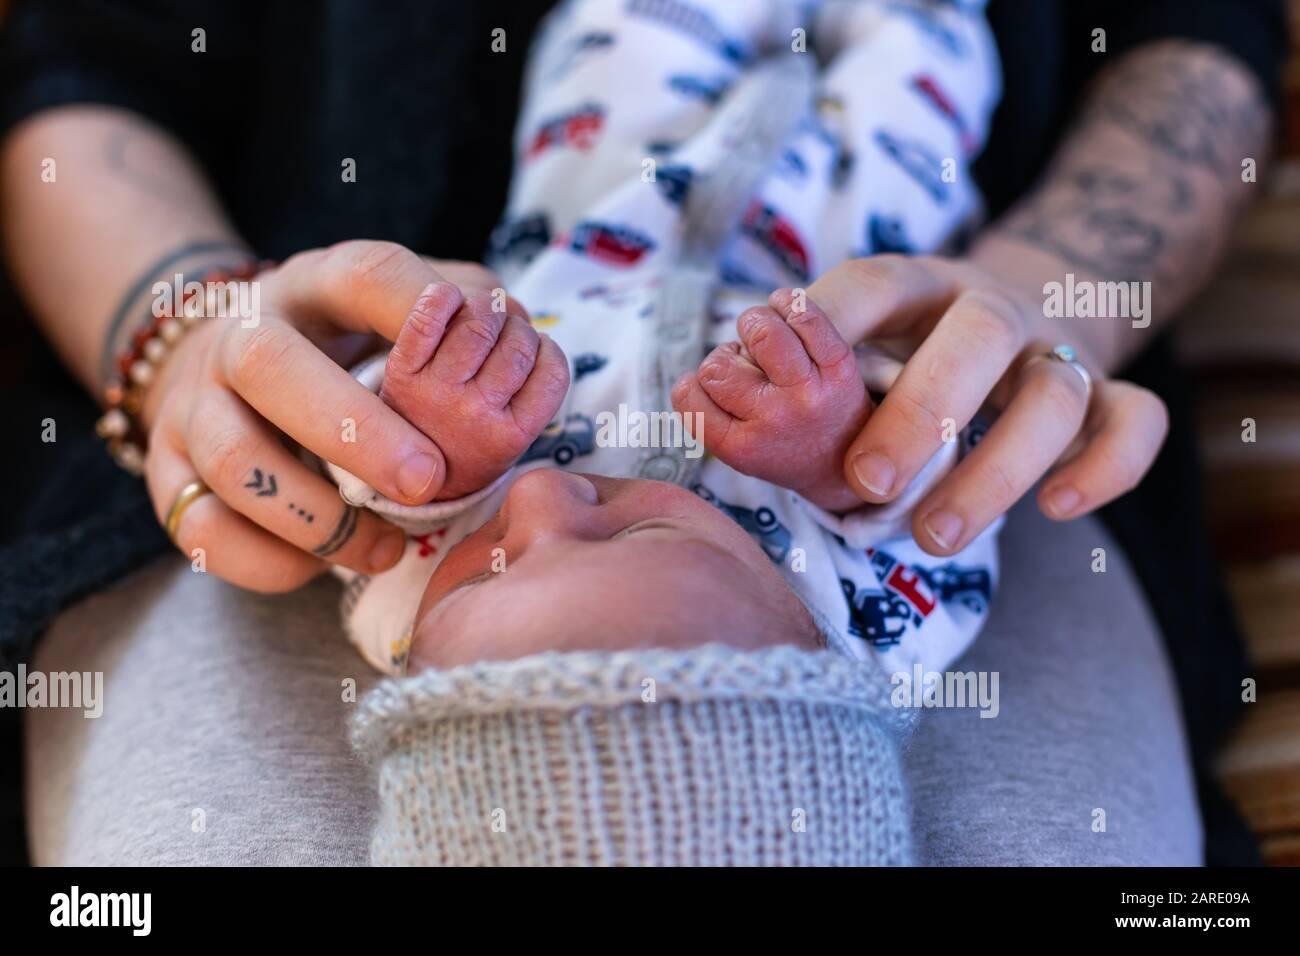 Une vue rapprochée et recadrée d'une nouvelle mère et d'un bébé garçon se liant à la maison, tenant les mains dans les jours après la naissance, beau moment de la parentalité. Copier l'espace sur les côtés Banque D'Images